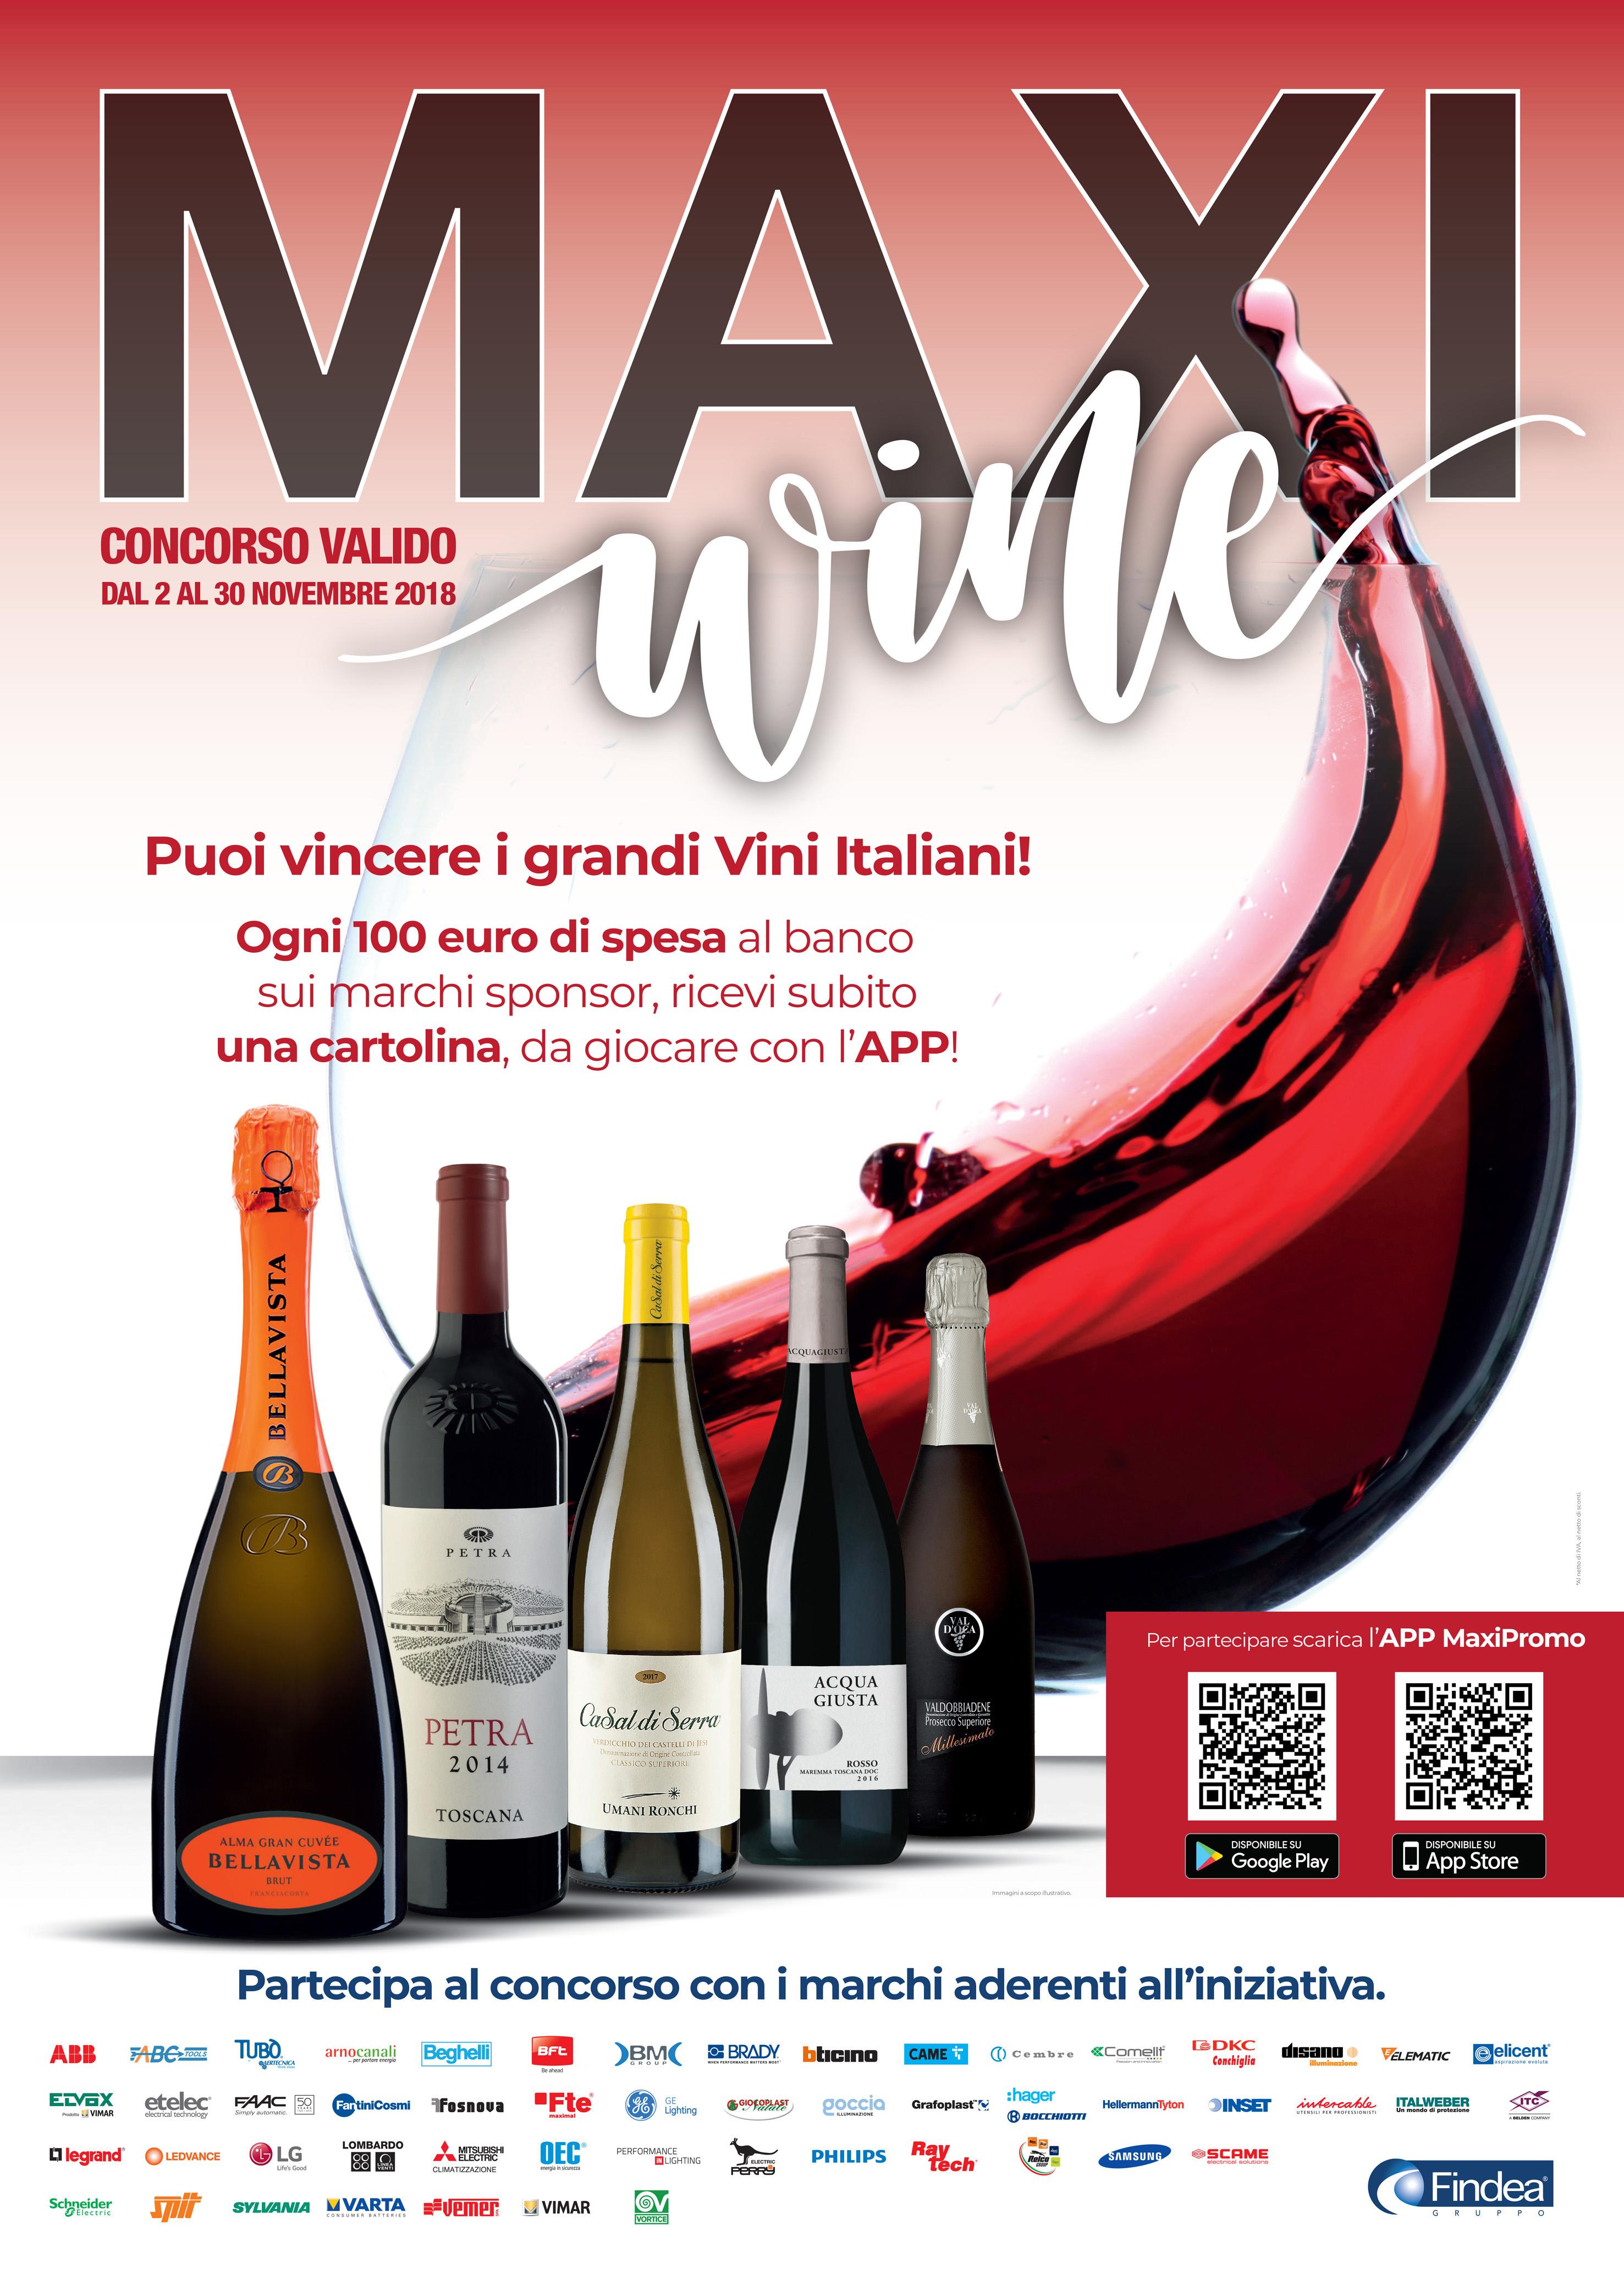 maxi wine concorso findea